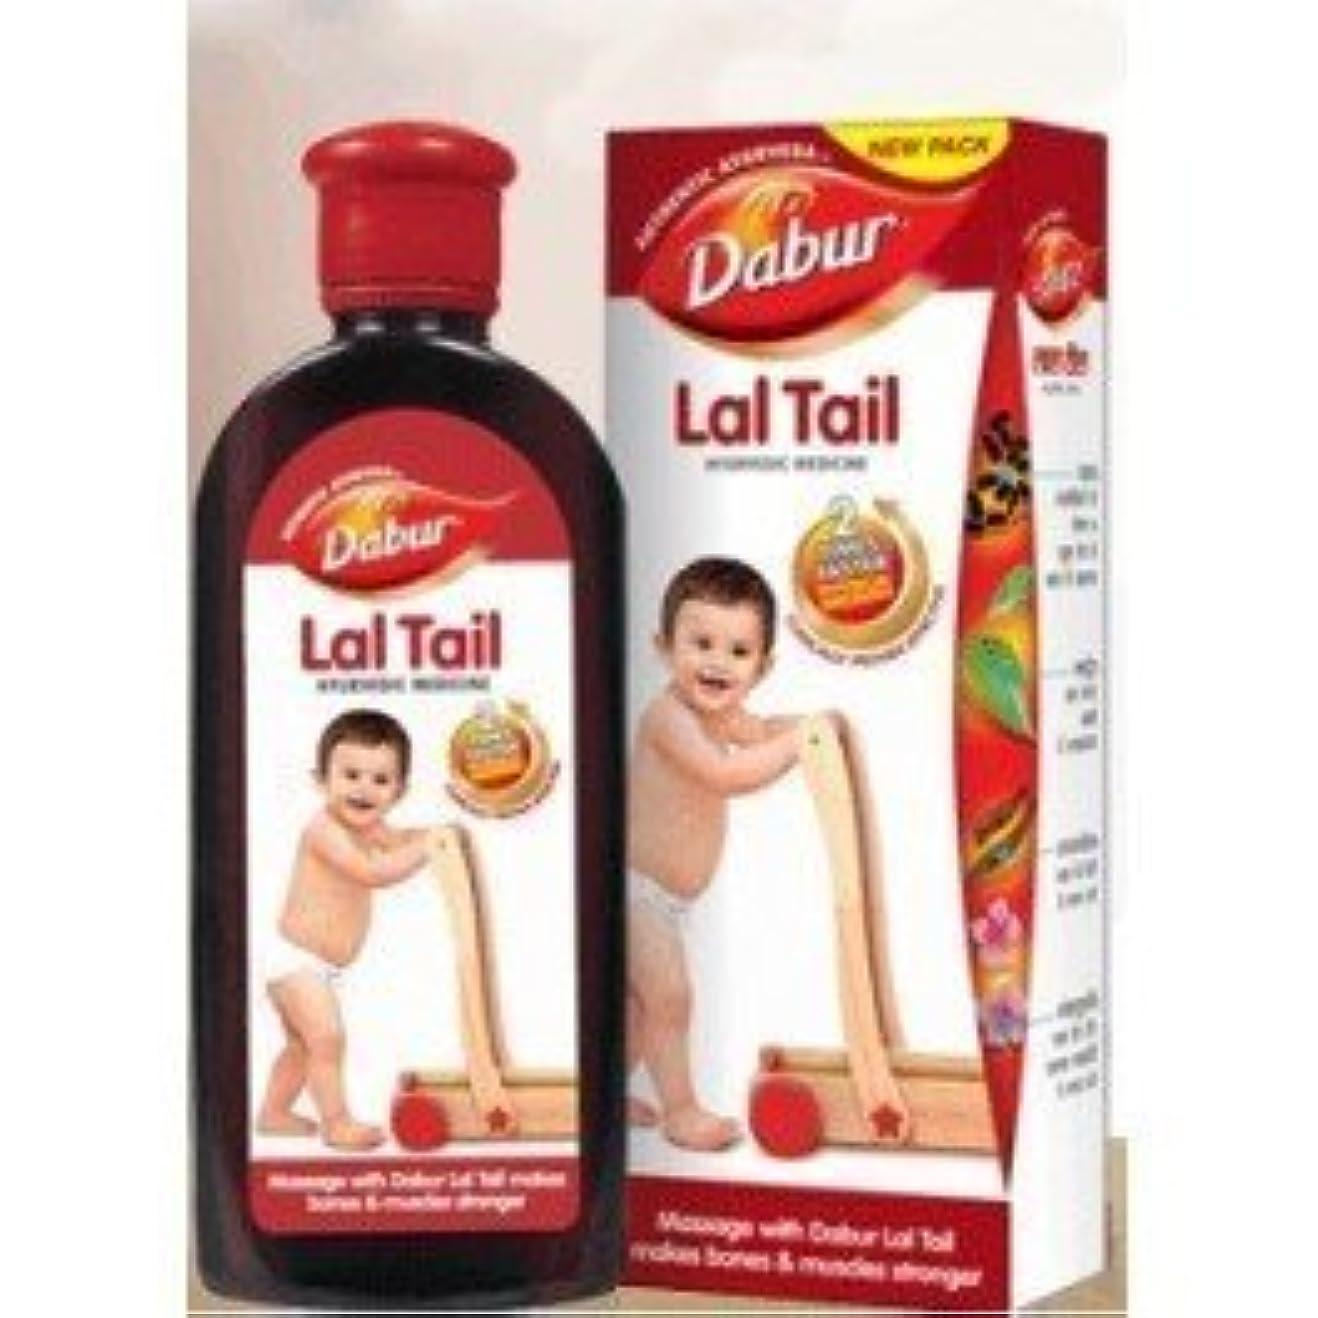 合理化ルーキー崇拝するBaby / Child Natural Strengthening Herbal Ayurvedic Baby Massage Oil Dabur Lal Tail 100ml Large Size Infant by ILOVEBABY [並行輸入品]